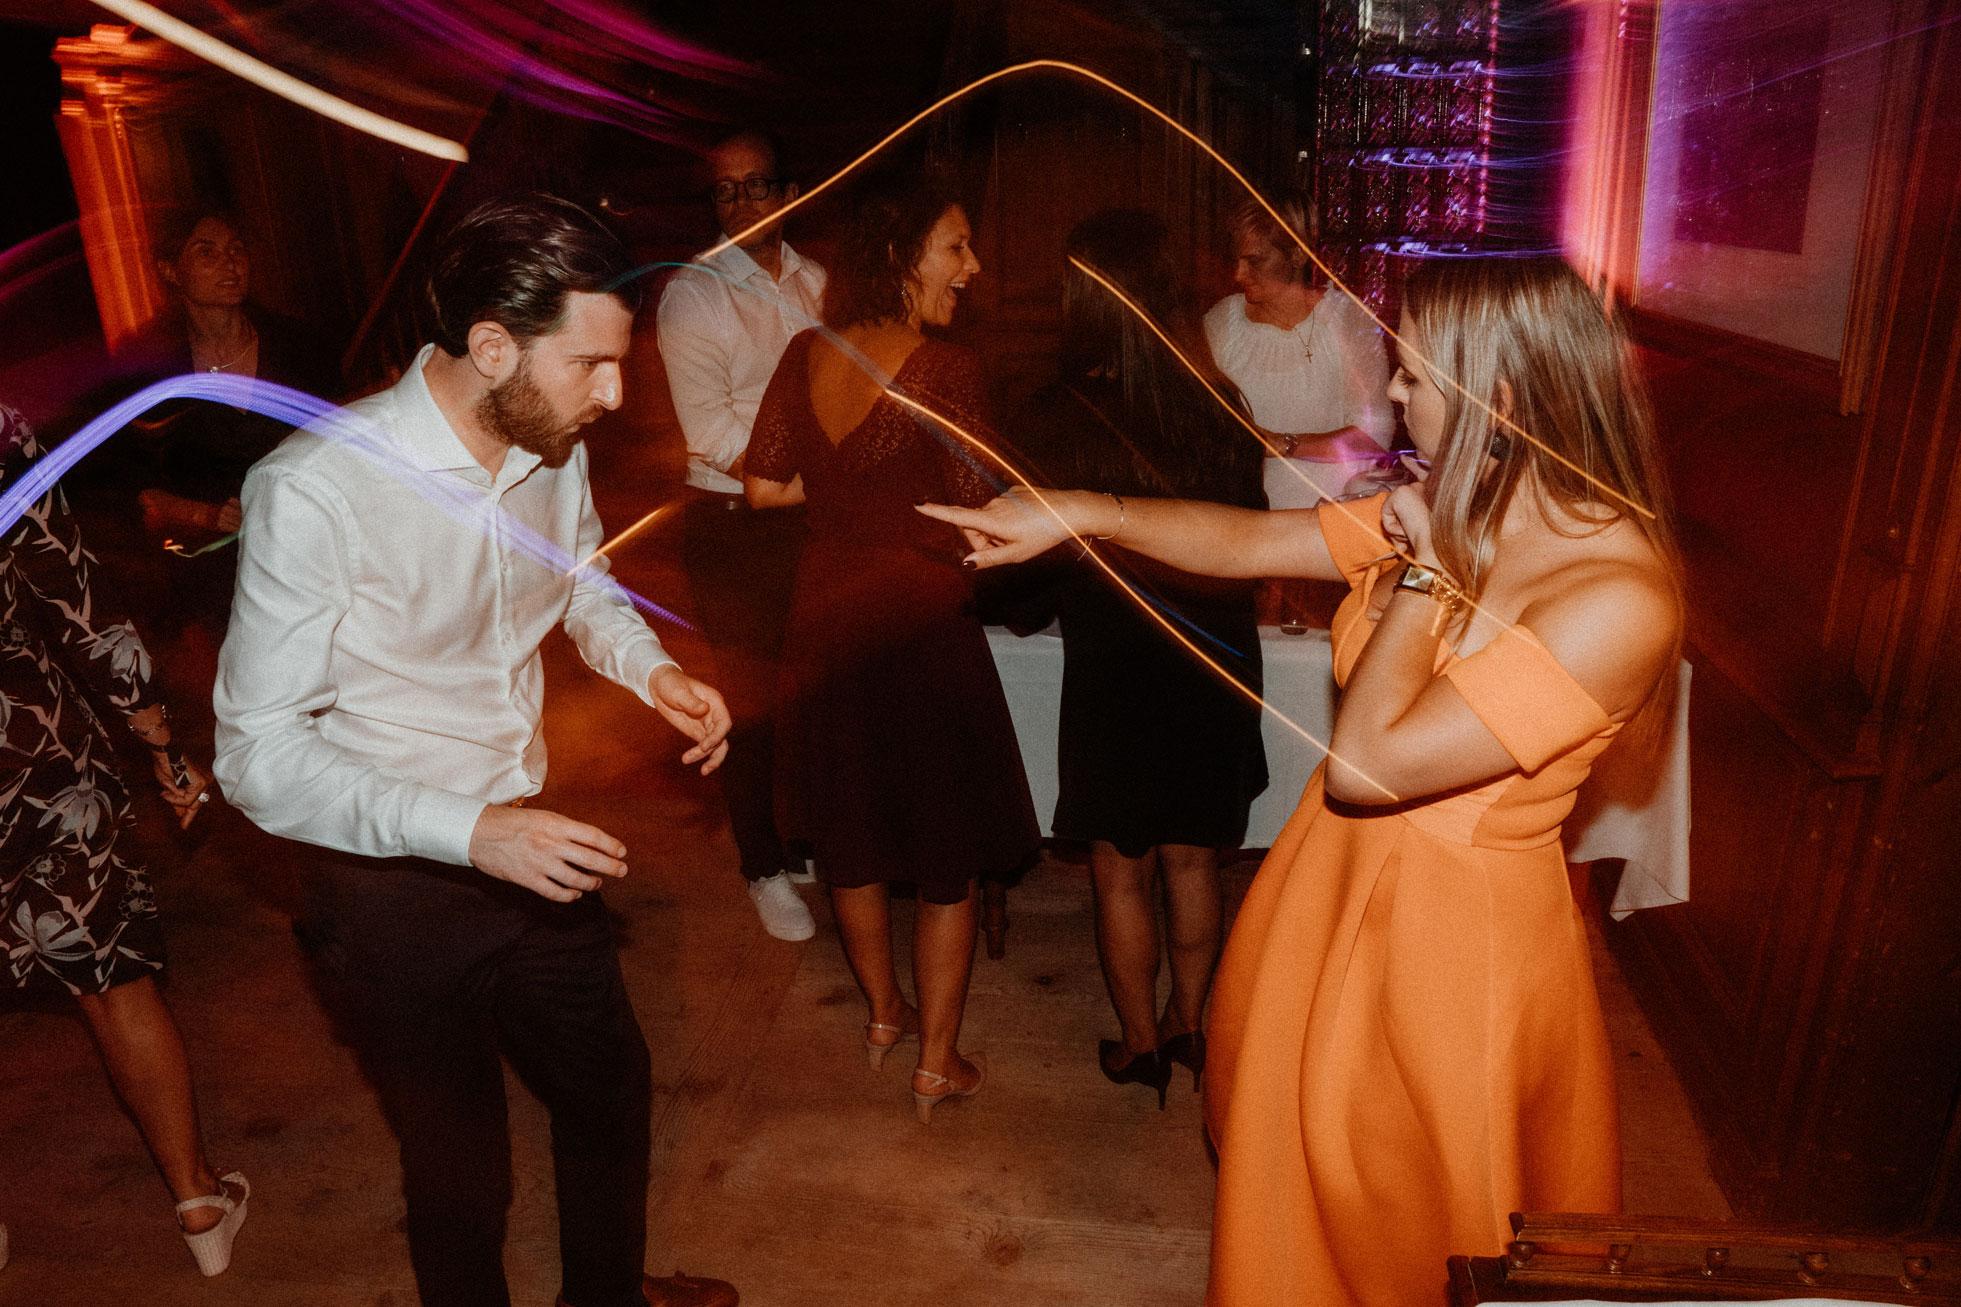 Hochzeit_Claire_Manuel_Villa_Maund_Daniel_Jenny-635.jpg